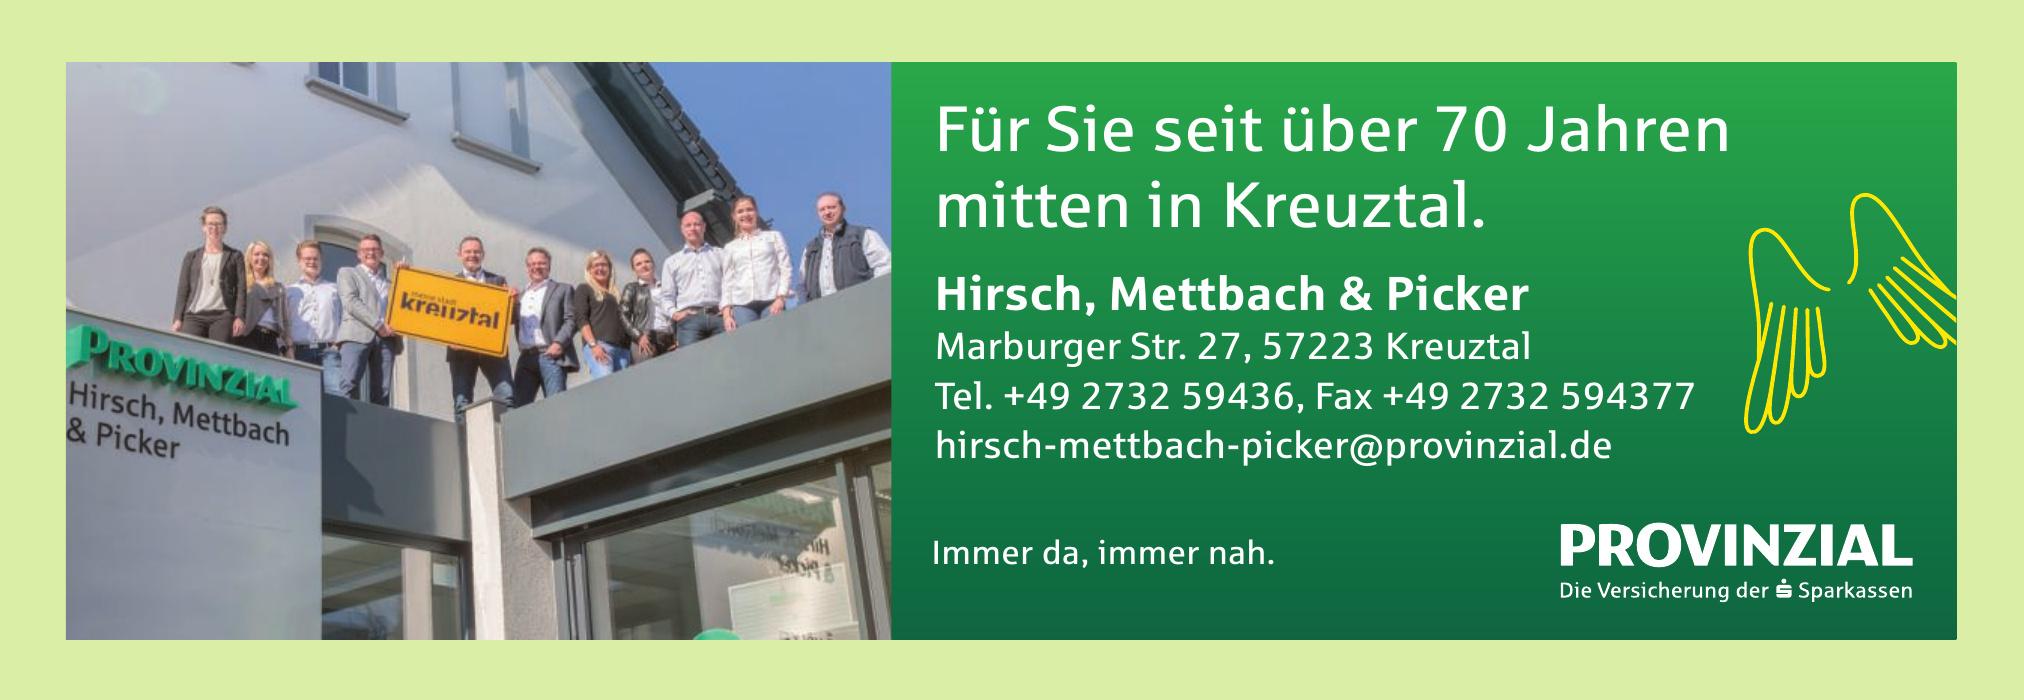 Provinzial - Hirsch, Mettbach & Picker